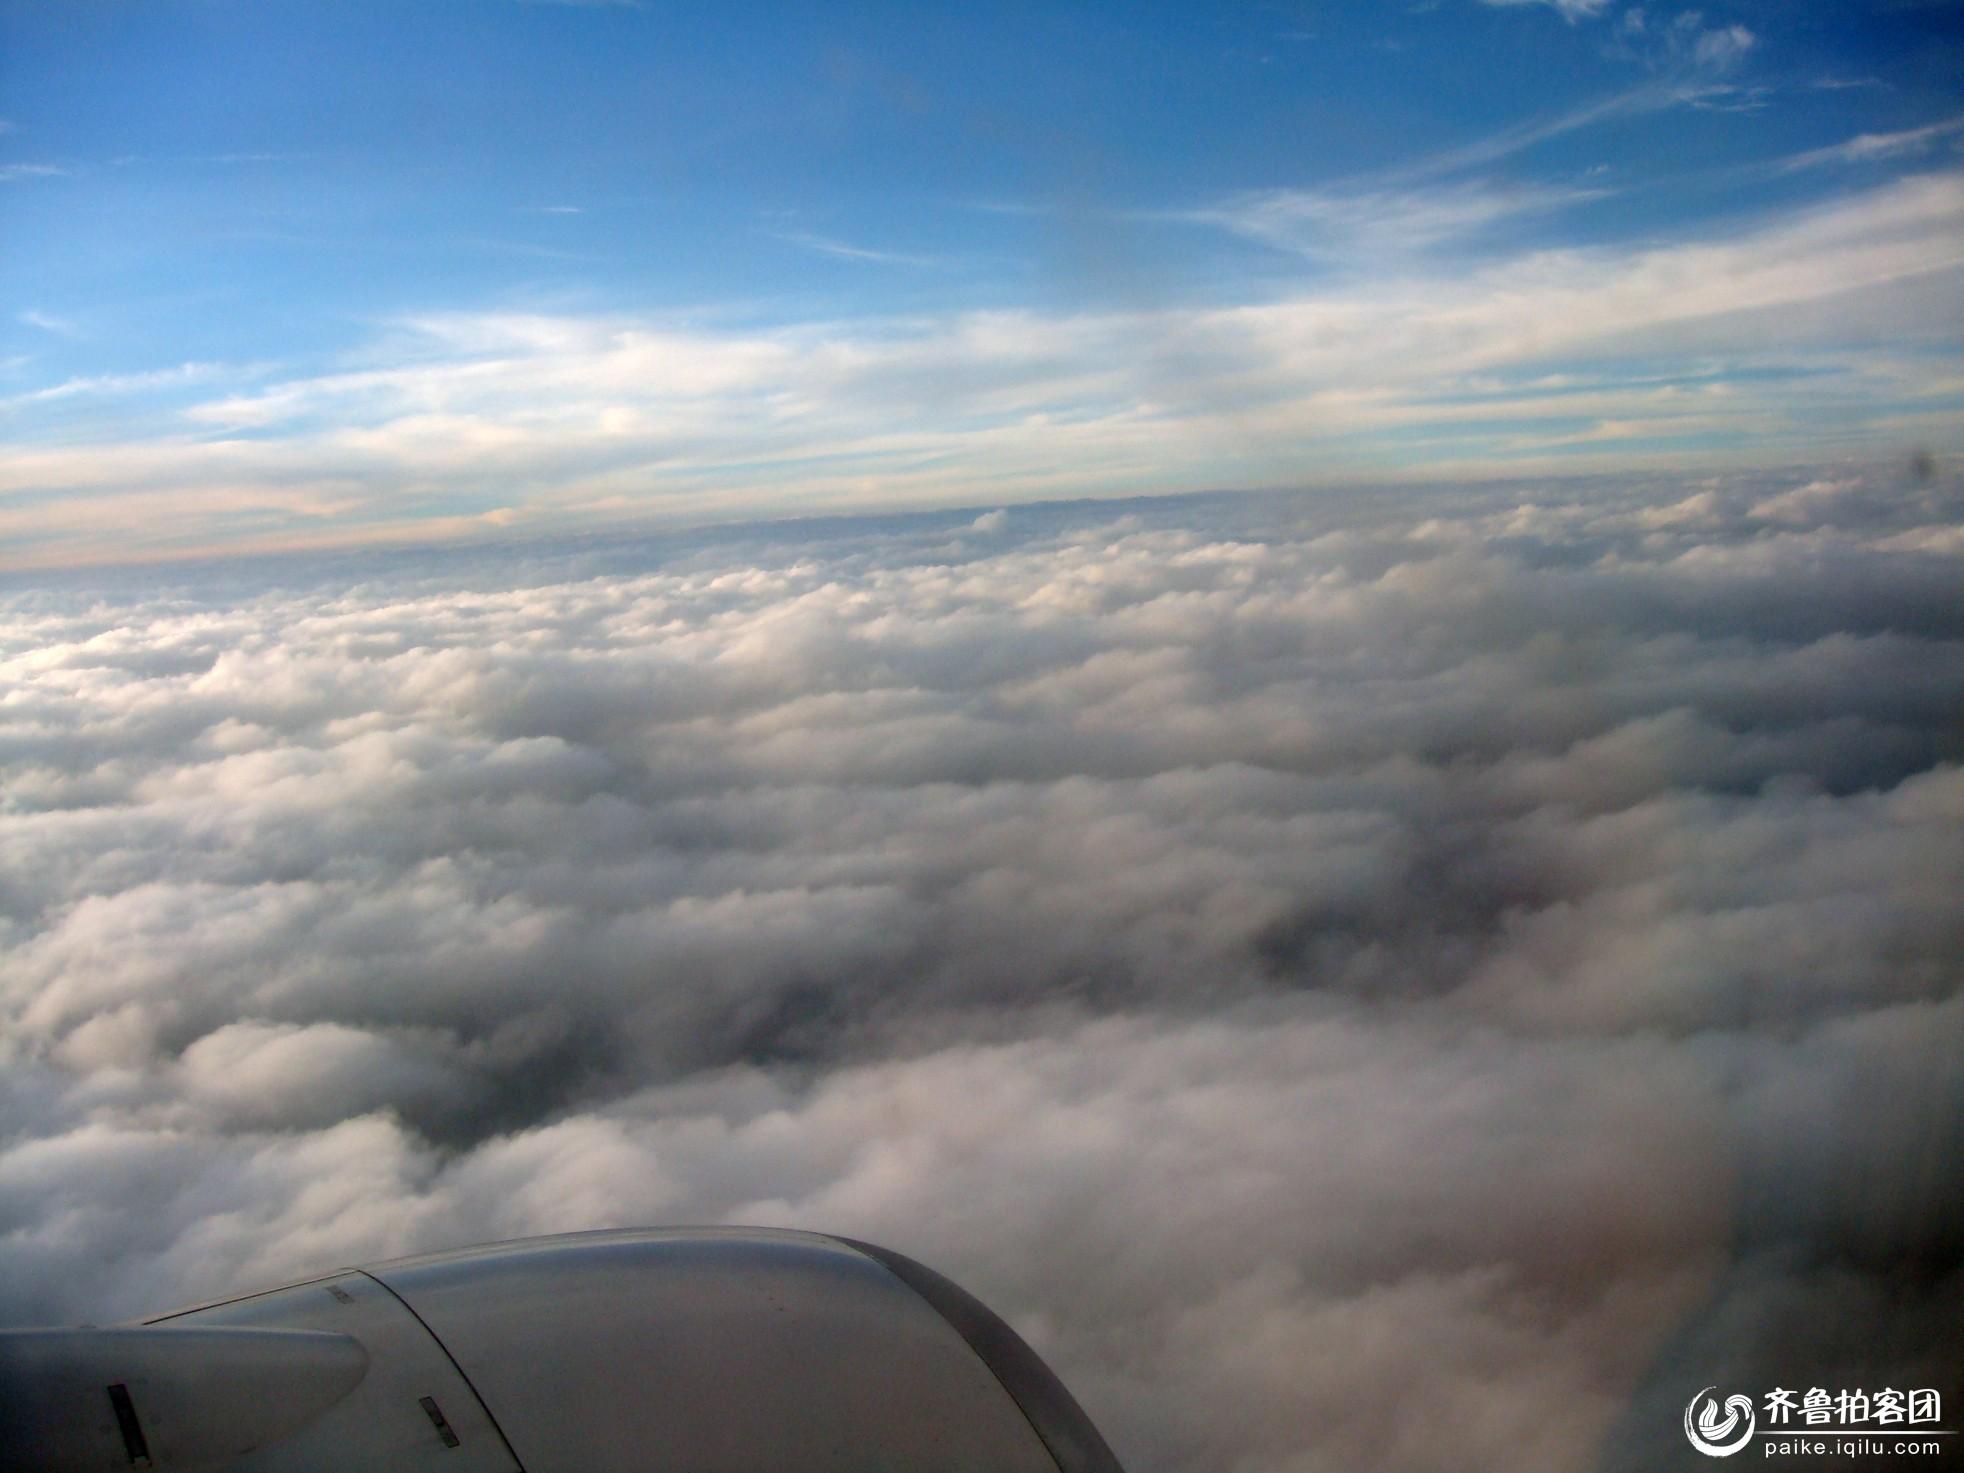 从郑州坐飞机到昆明,有幸在天上看到了梦幻一般的云。这姿态万千,绝美无双的云让我惊叹不已。那云朵一层一层地叠在一起,像连绵不绝的山峰,像翻涌的波涛,天蓝的如同一颗巨大蓝宝石,云白得没有一点污渍。 太阳西下了,照在云朵上,把大片的云映照得如同镀上了一层薄薄的金,天边仿佛在迅速燃烧,我忽然觉得被笼罩在一种奇丽的景色之中,恍如置身于金光万道滚红霓的天宫。